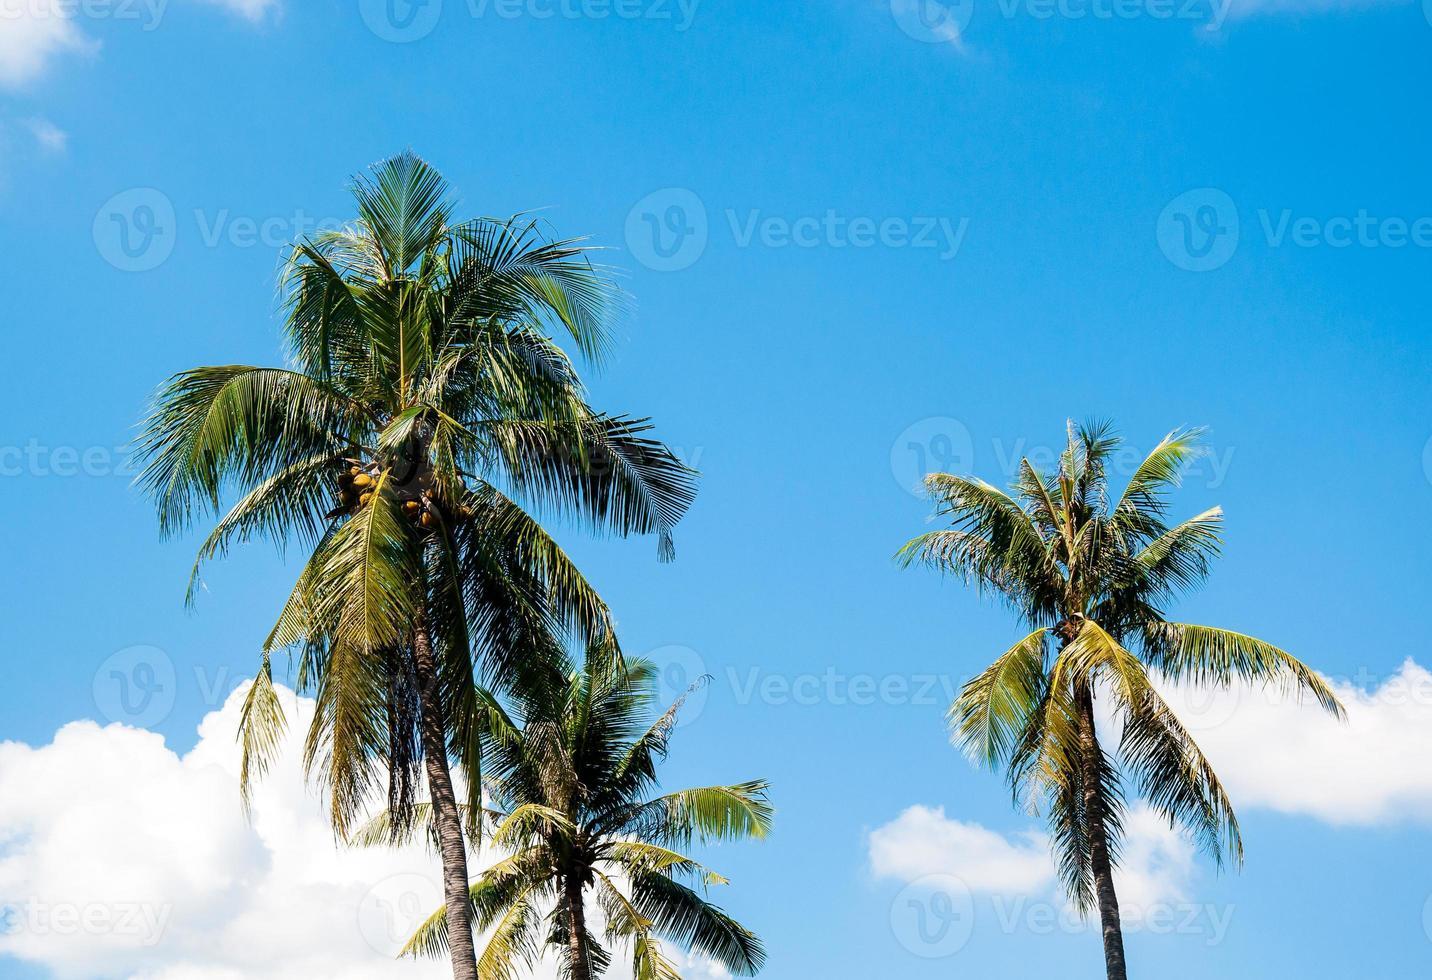 kokospalm op blauwe lucht en witte wolk foto